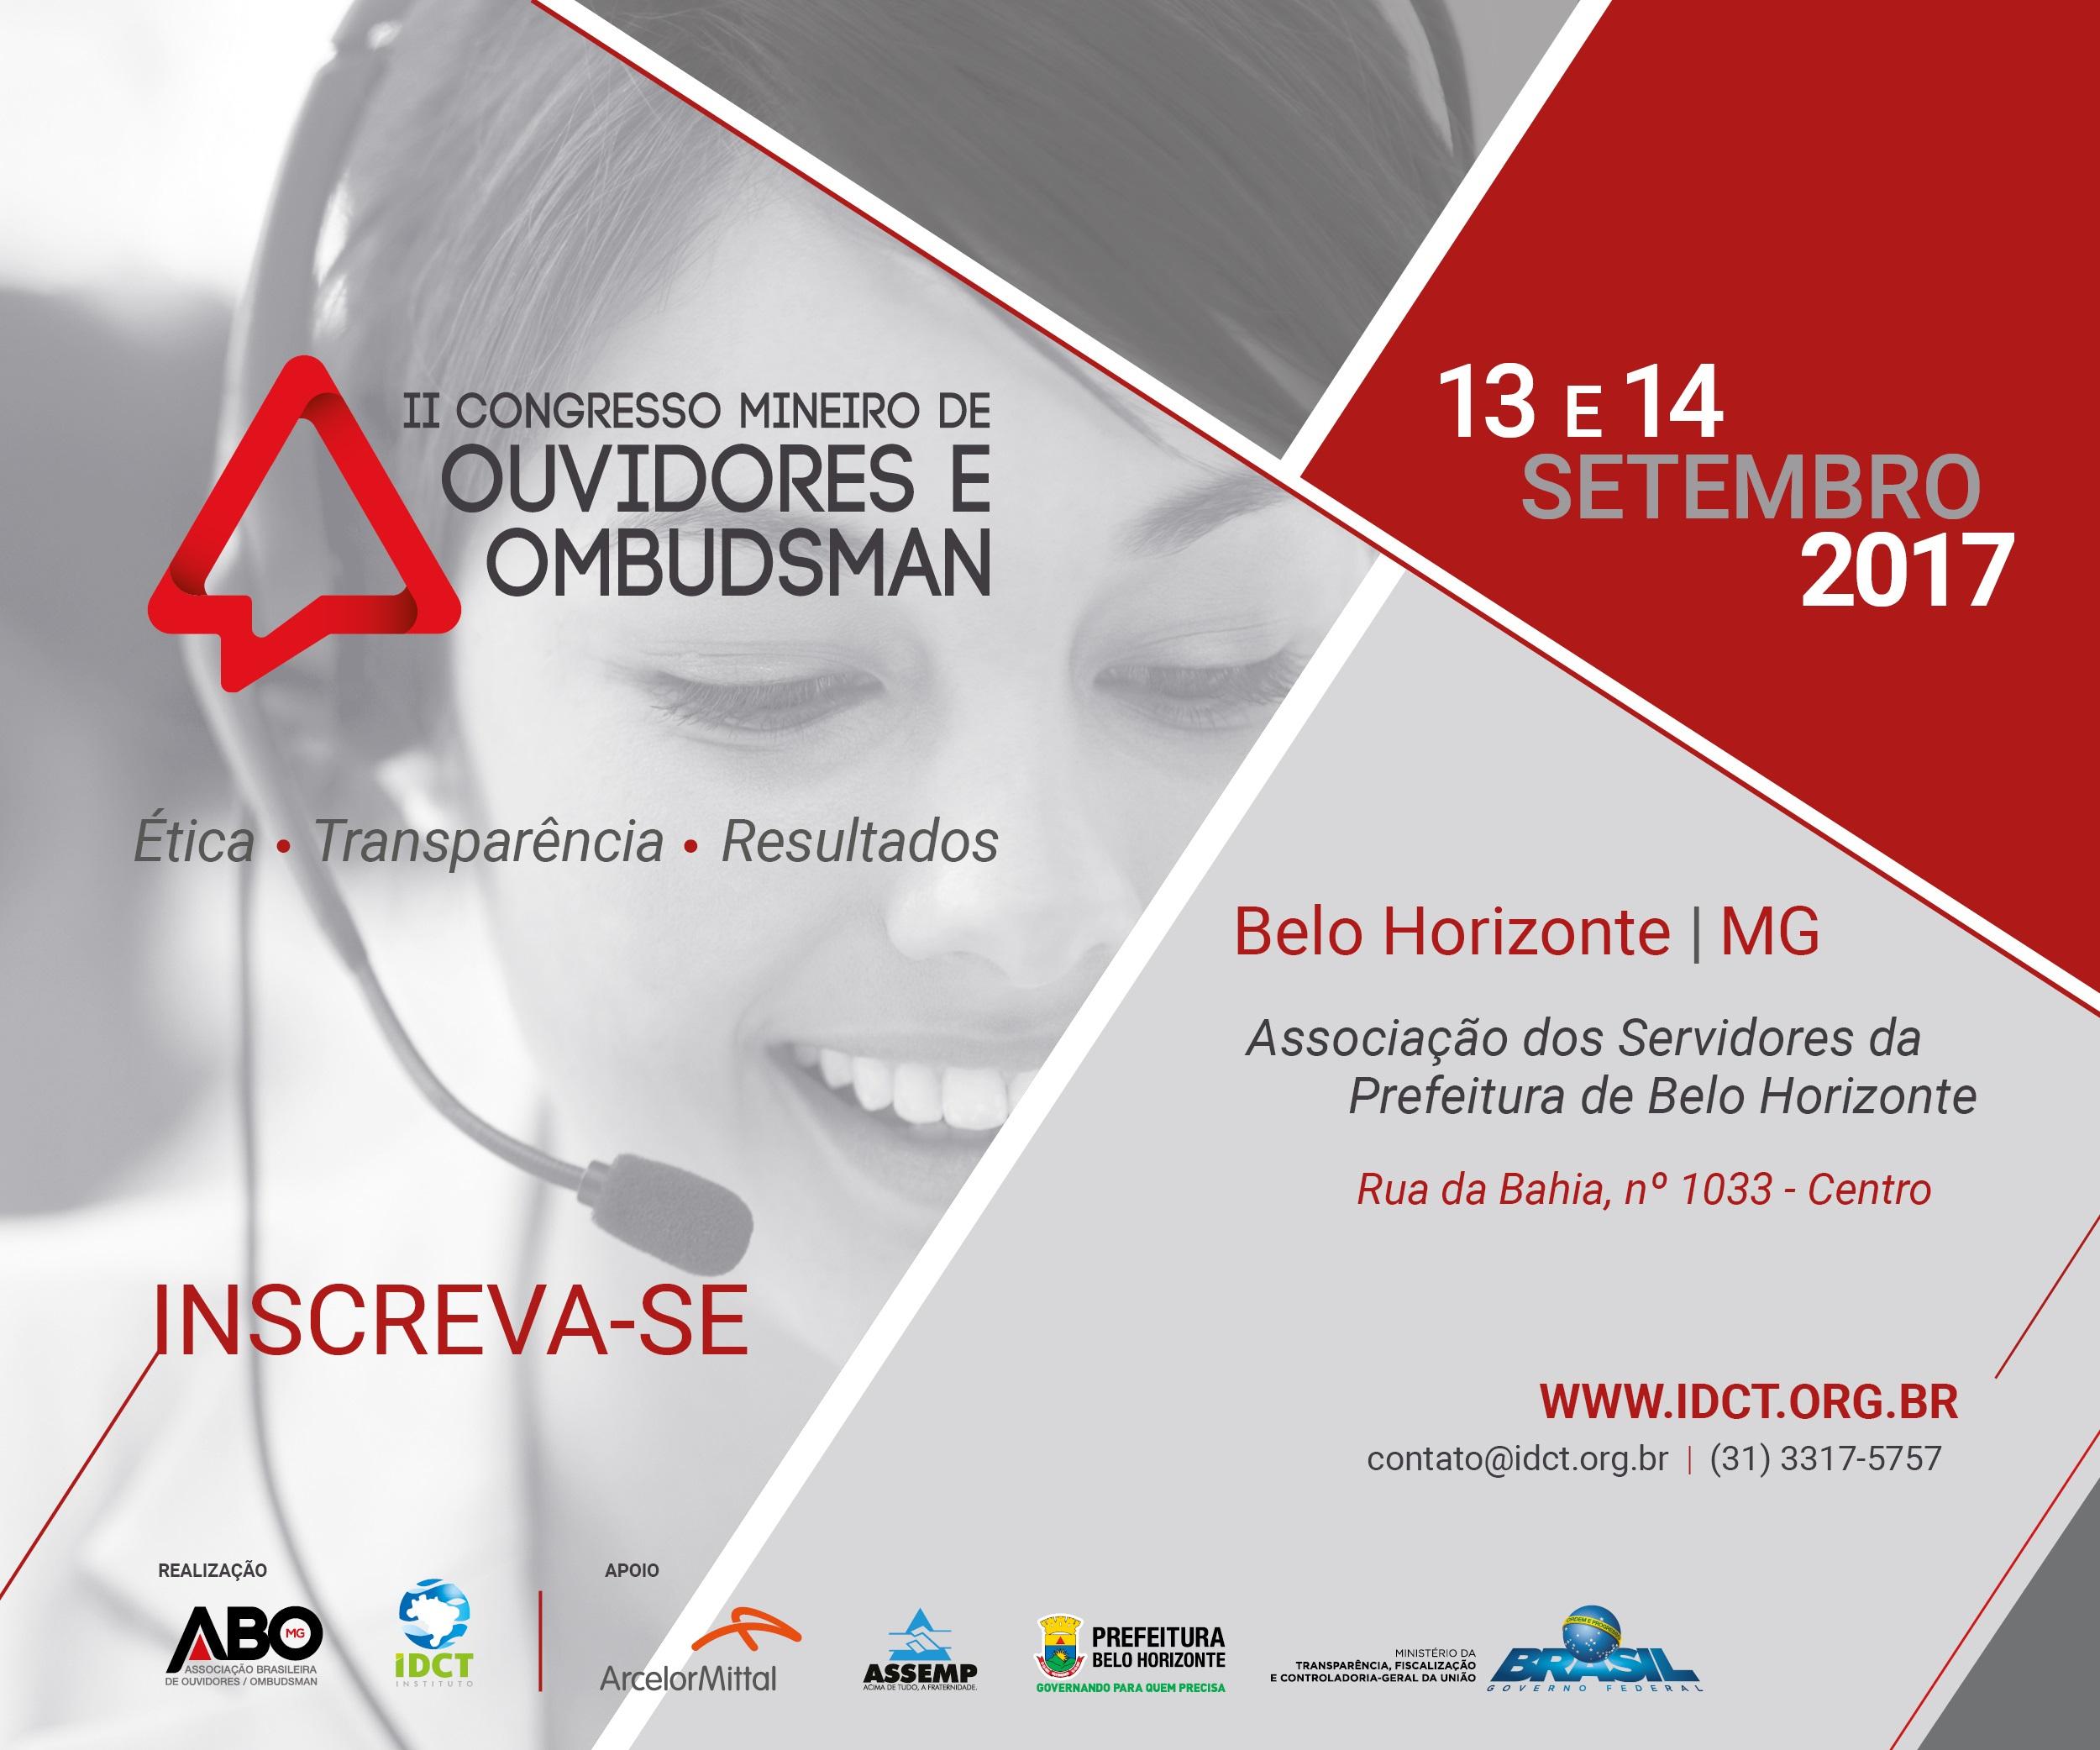 II Congresso Mineiro de Ouvidores e Ombudsman